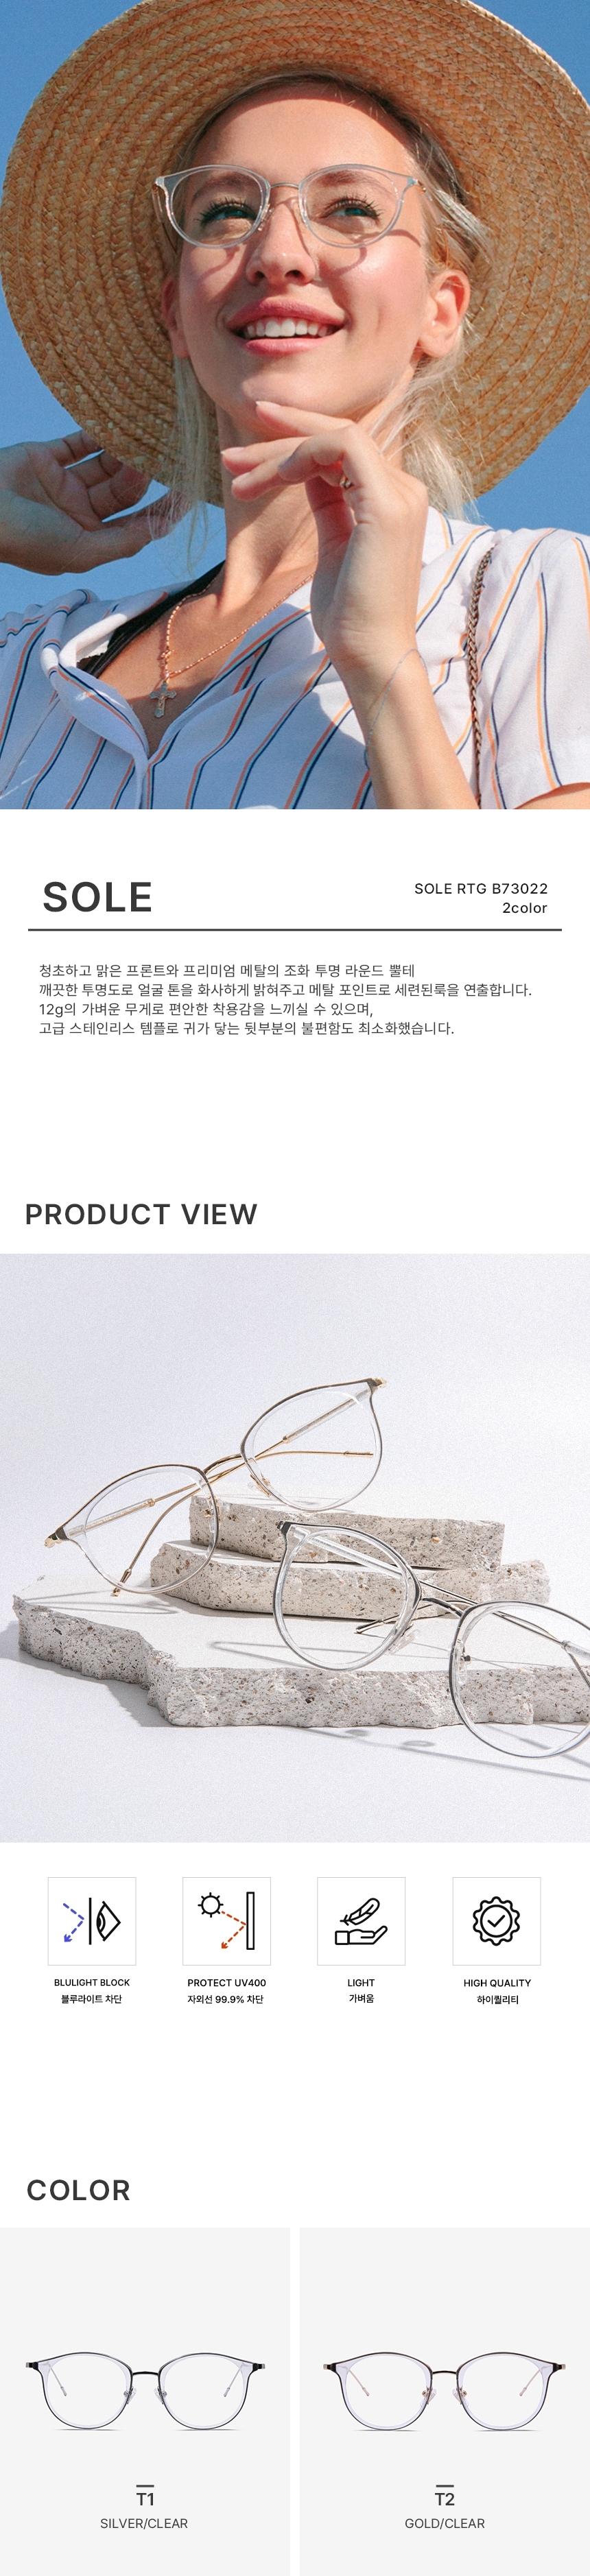 리에티(RIETI) SOLE RTGB73022 T2 남녀공용 블루라이트차단 안경